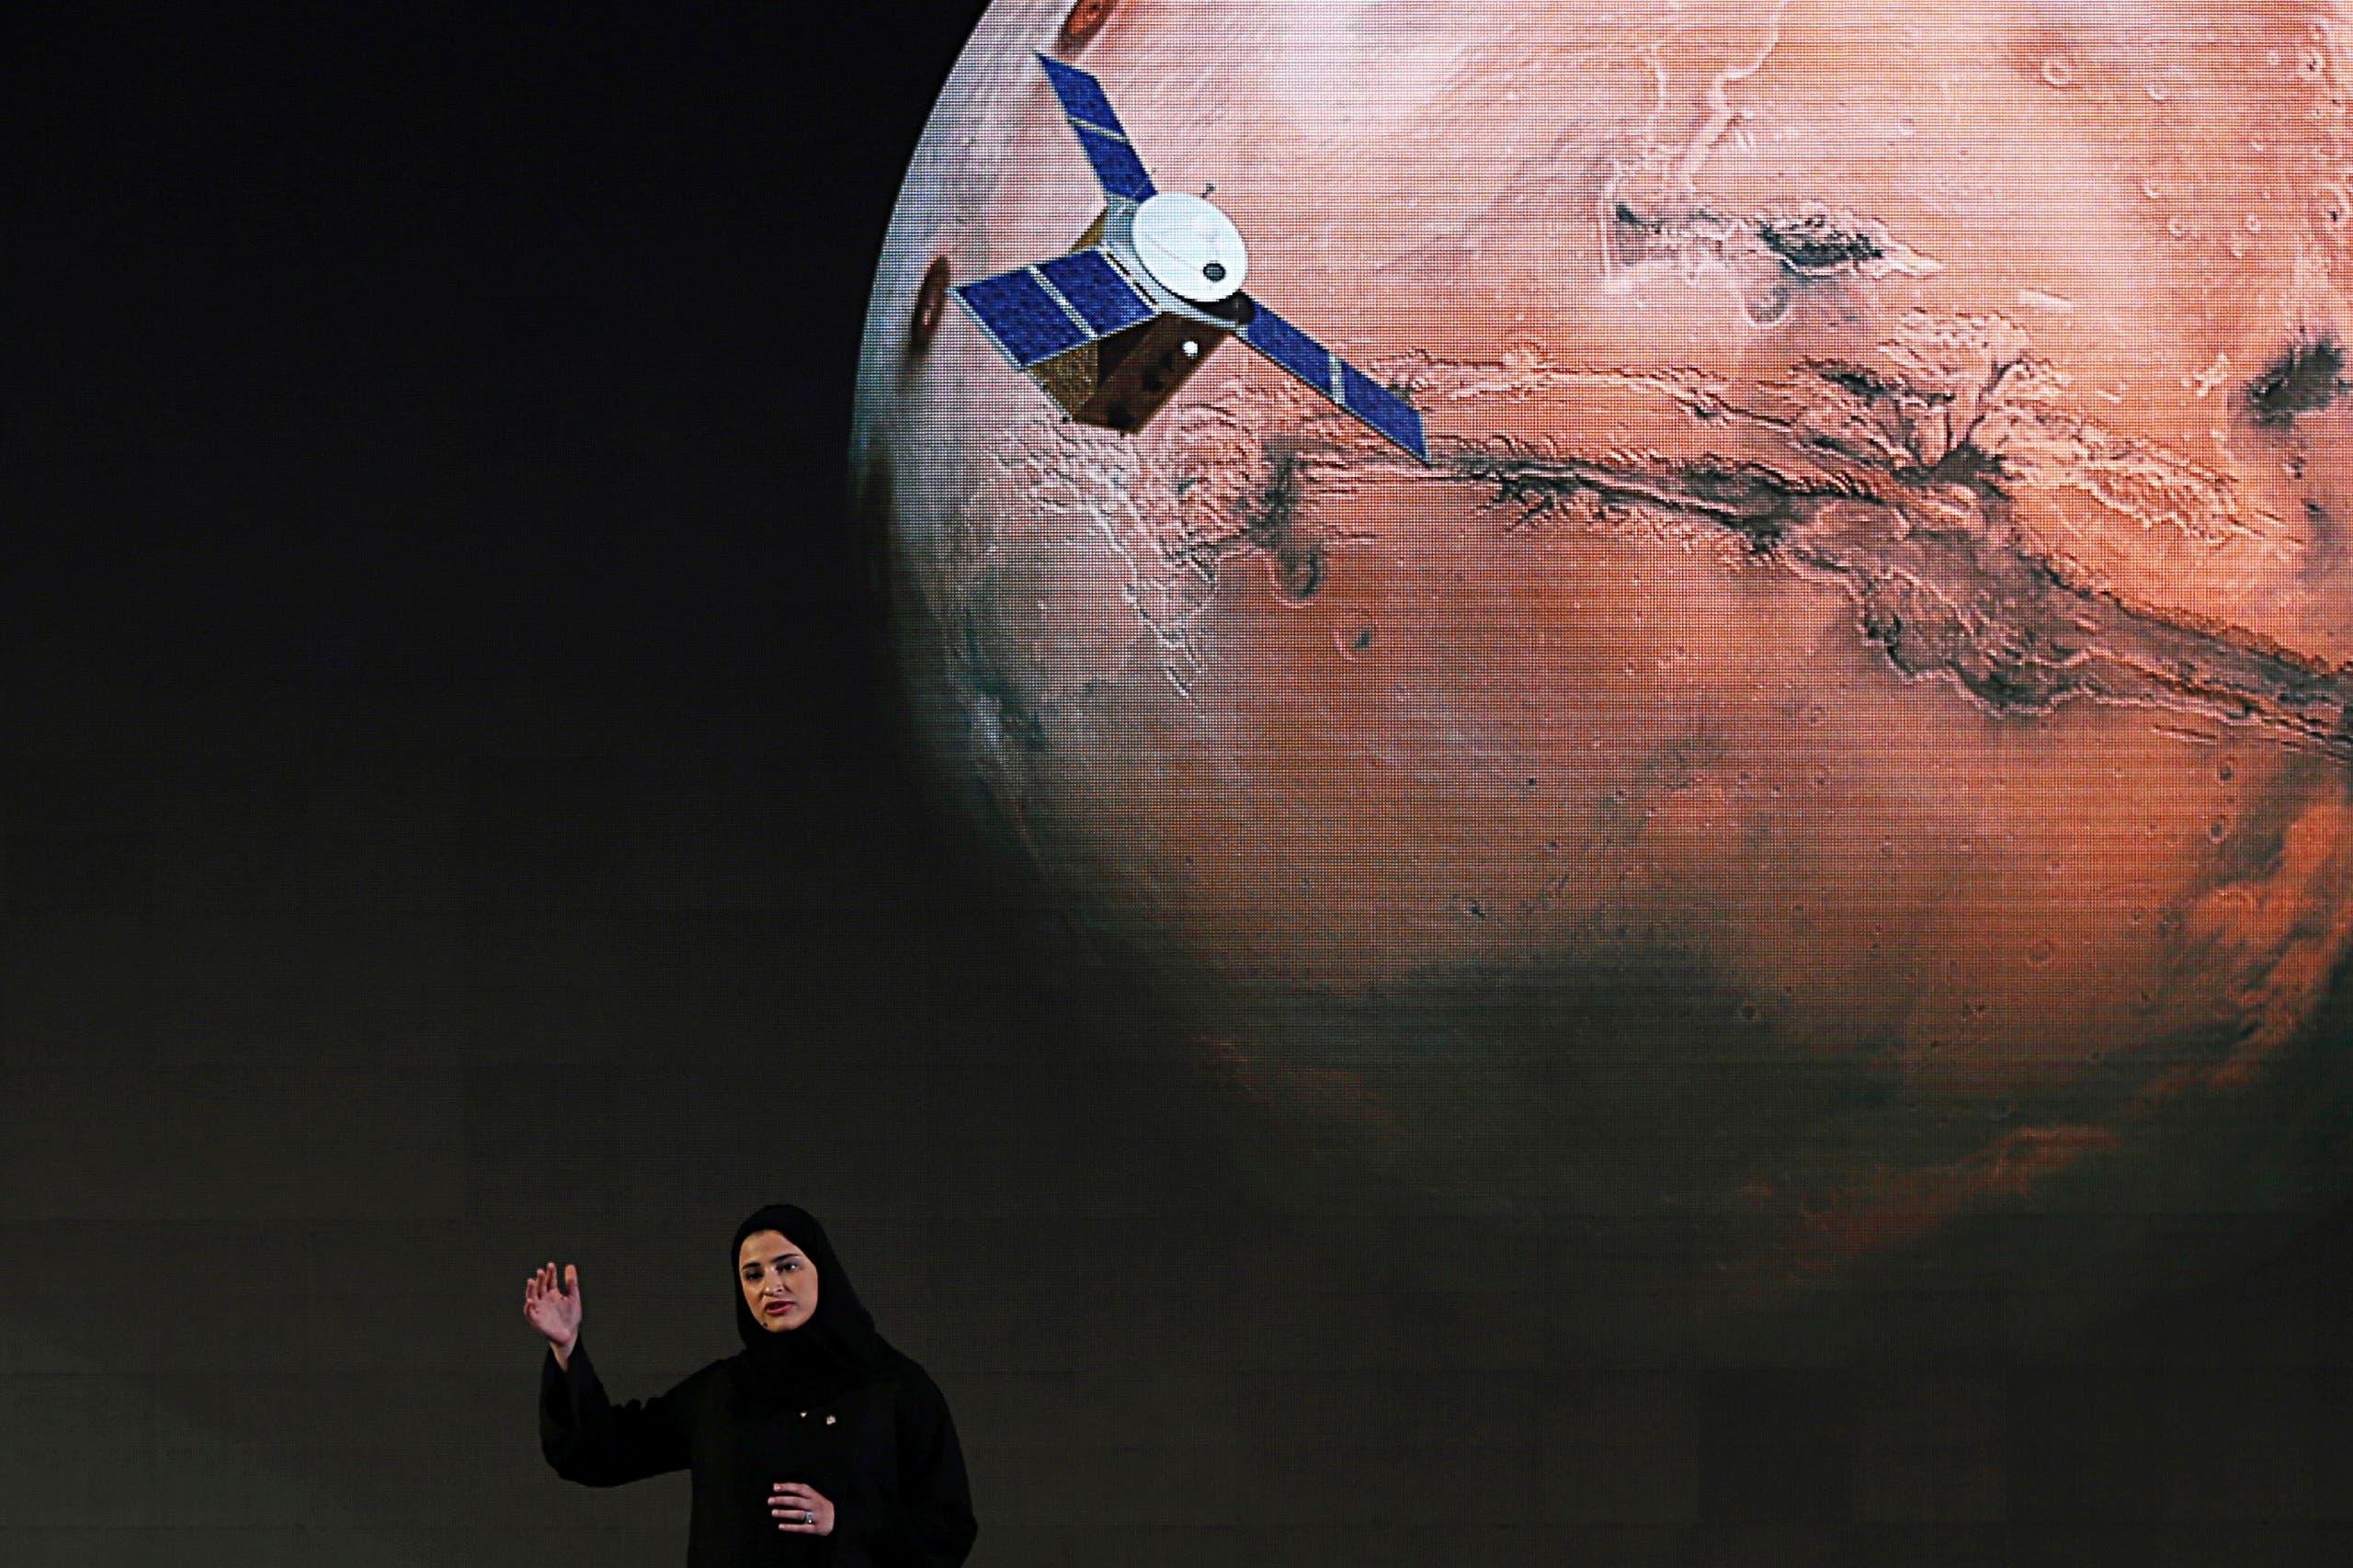 الإمارات تستهدف الوصول إلى كوكب المريخ في 2021